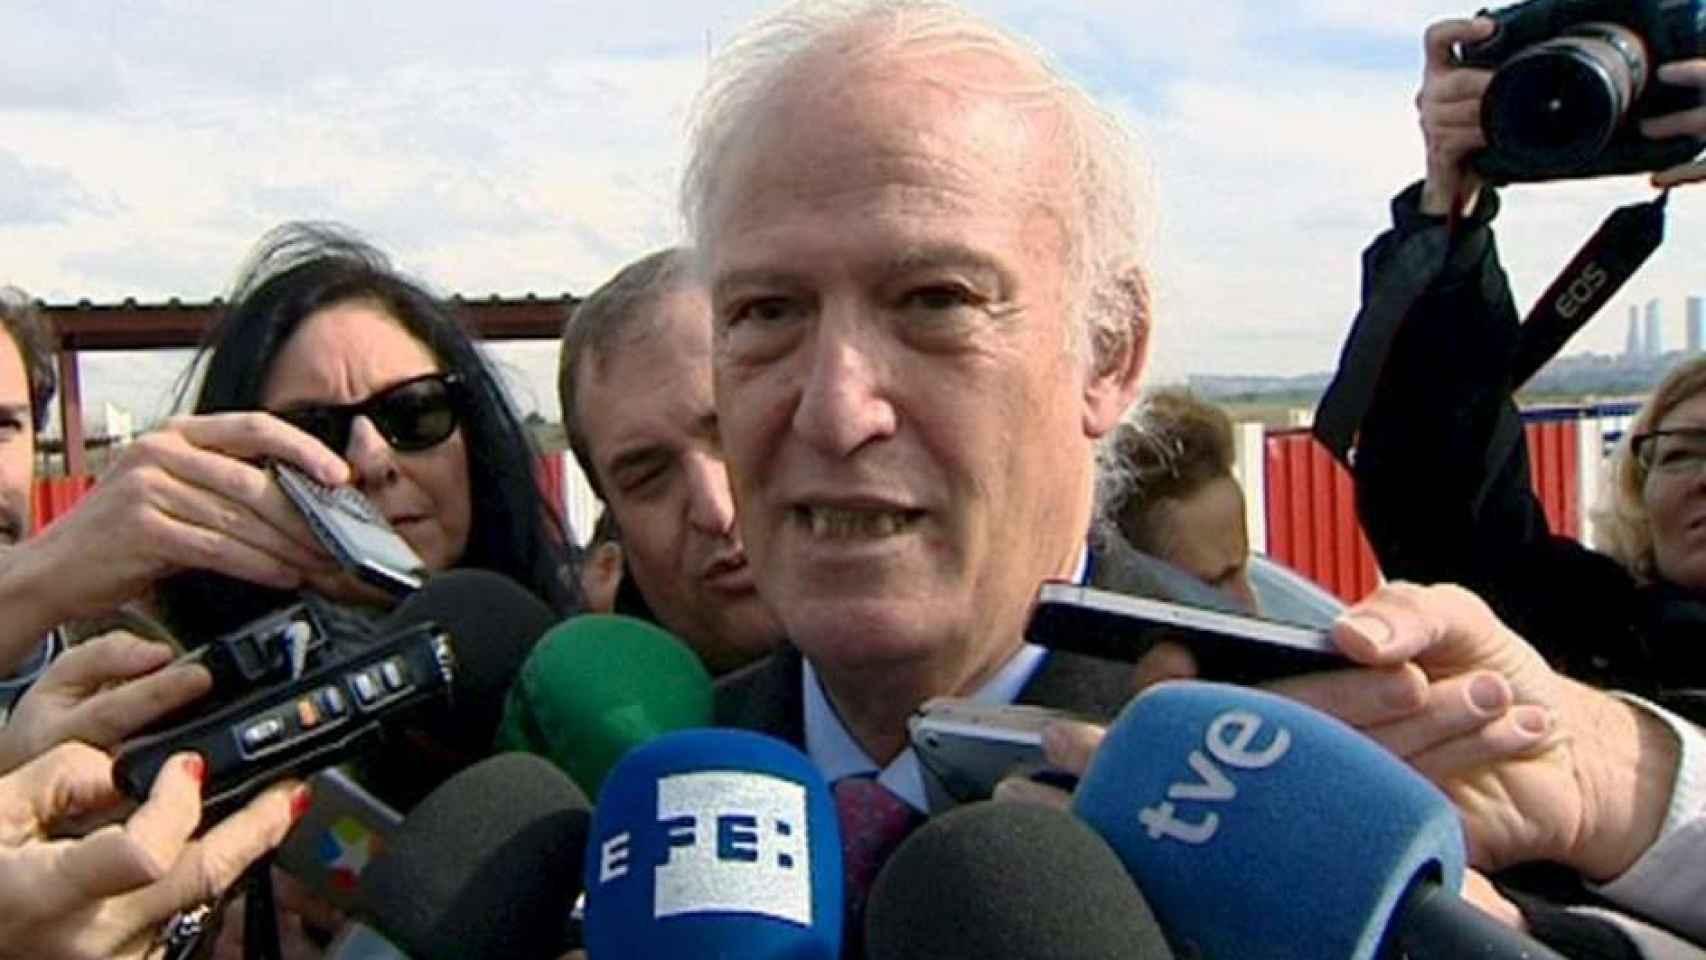 El diputado del PP Ignacio Echeverría